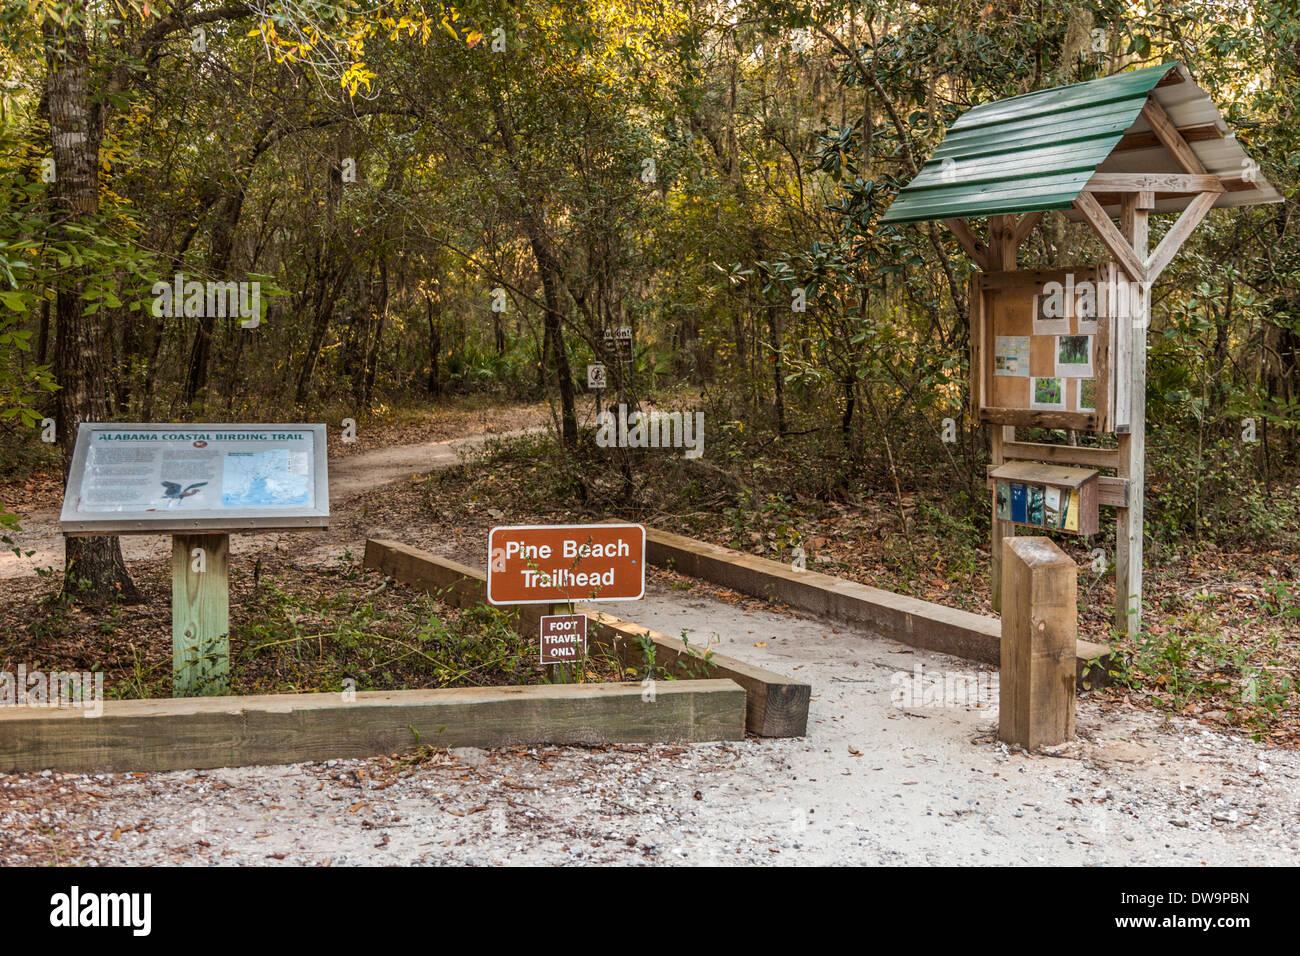 Kiefer Zweig Trailhead des Alabama Küsten Birding Trails im Bon Secour National Wildlife Refuge in Gulf Shores, Alabama Stockbild